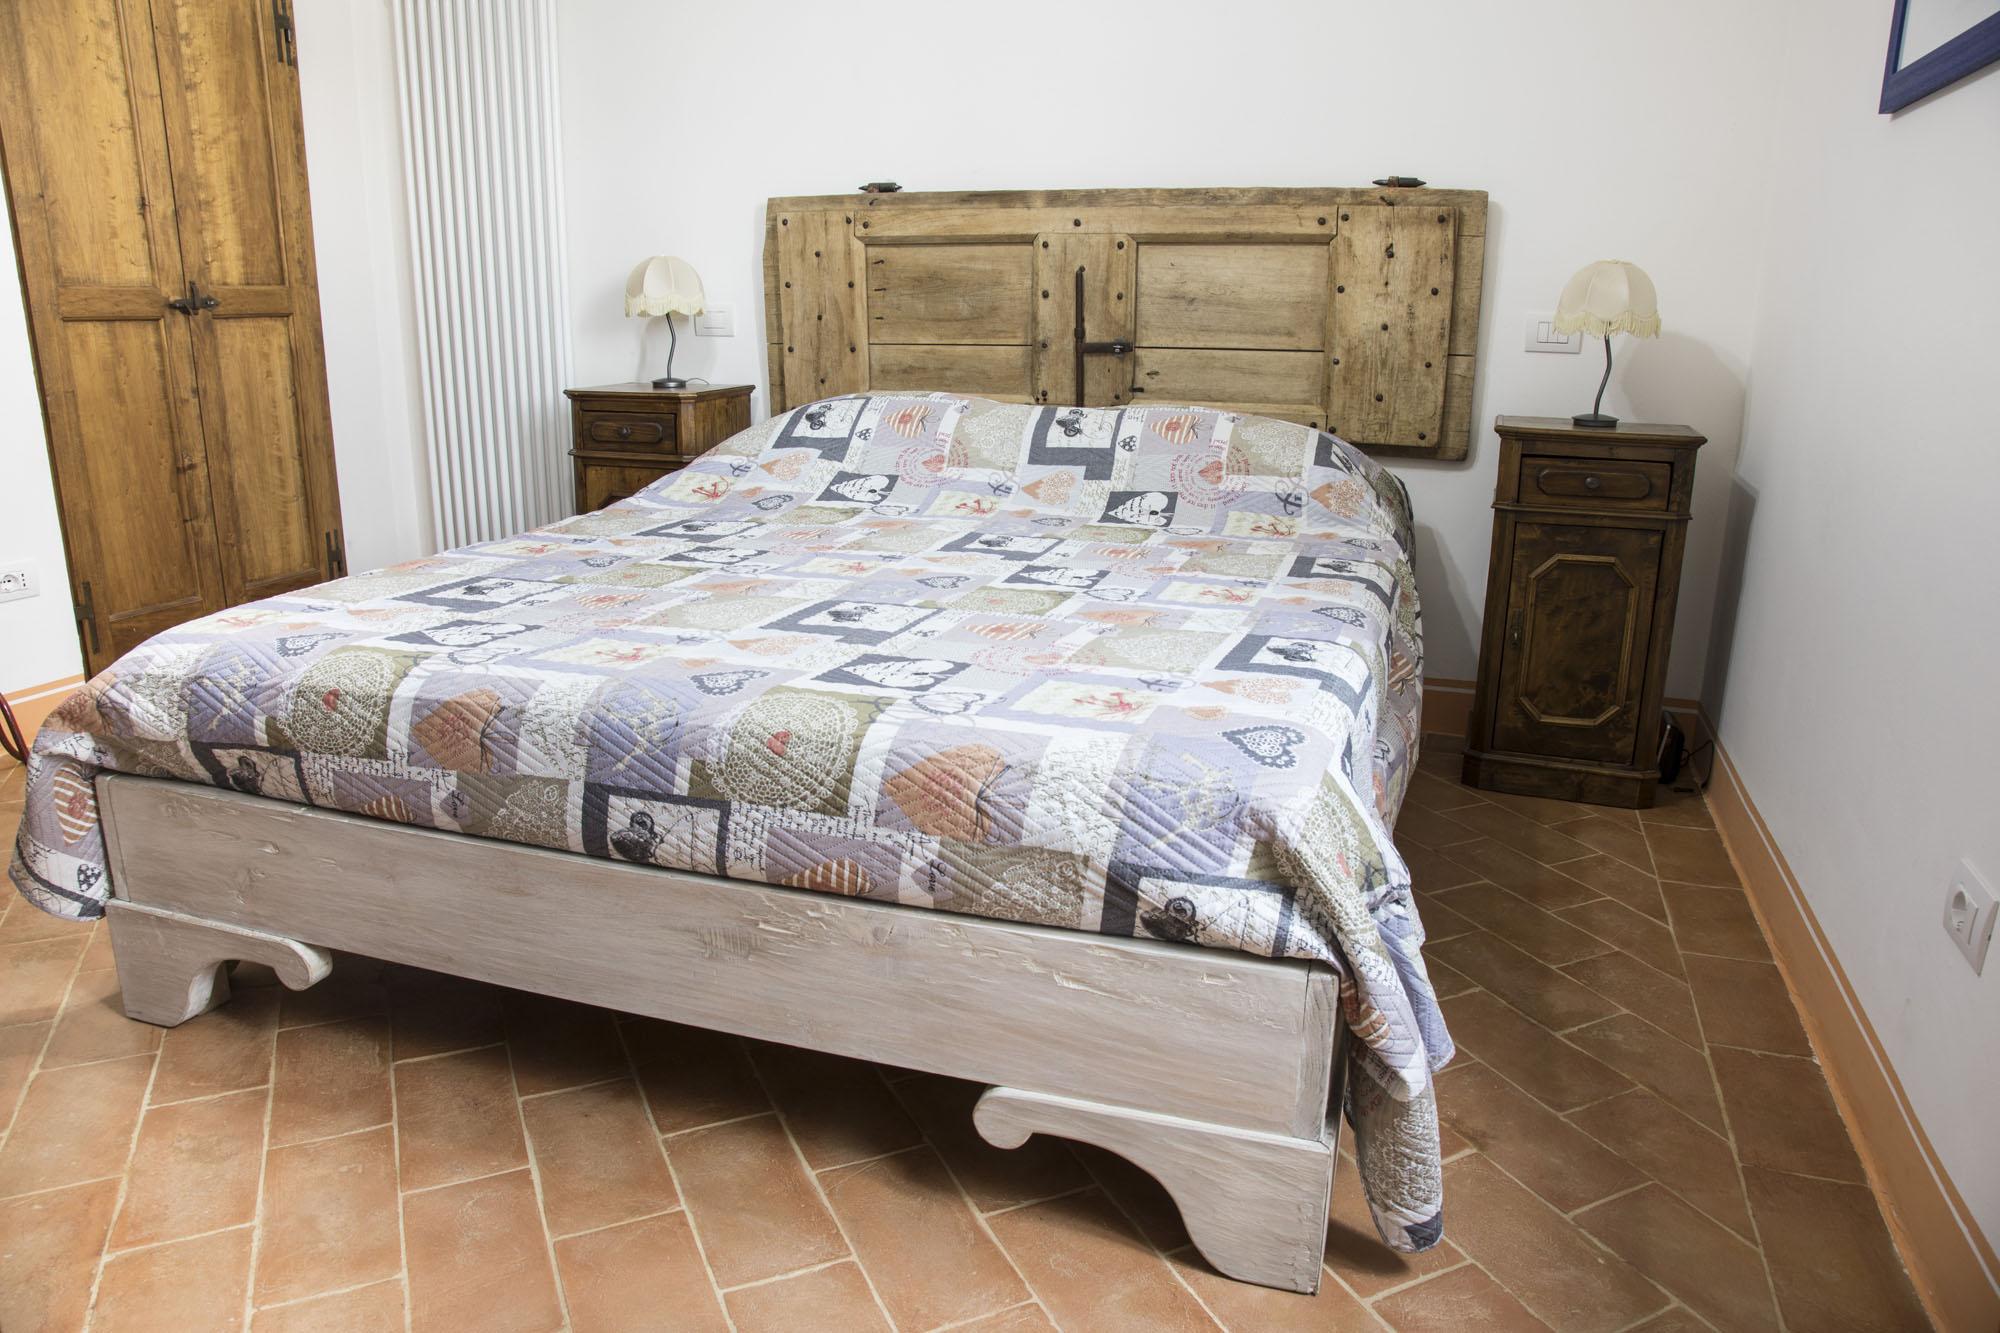 Testata Letto Con Porta Vecchia letto con porta antica – anticovecchio